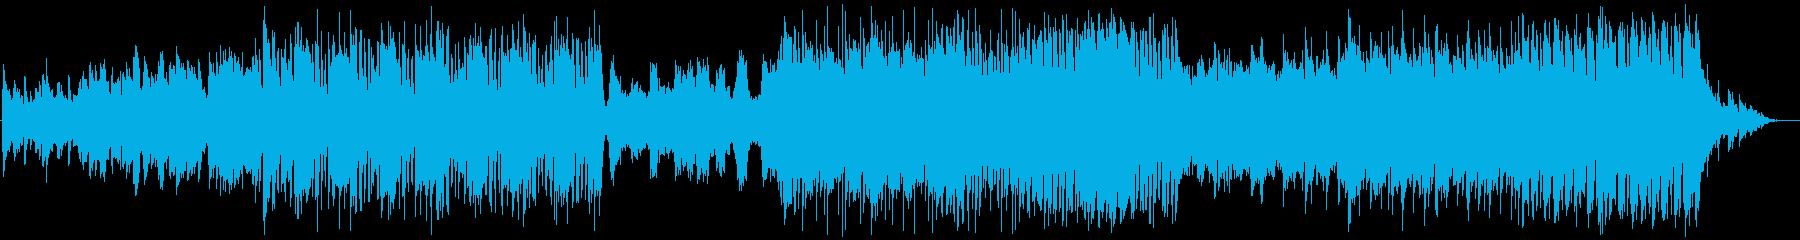 ファンタジックに盛り上がるカーニバル曲の再生済みの波形